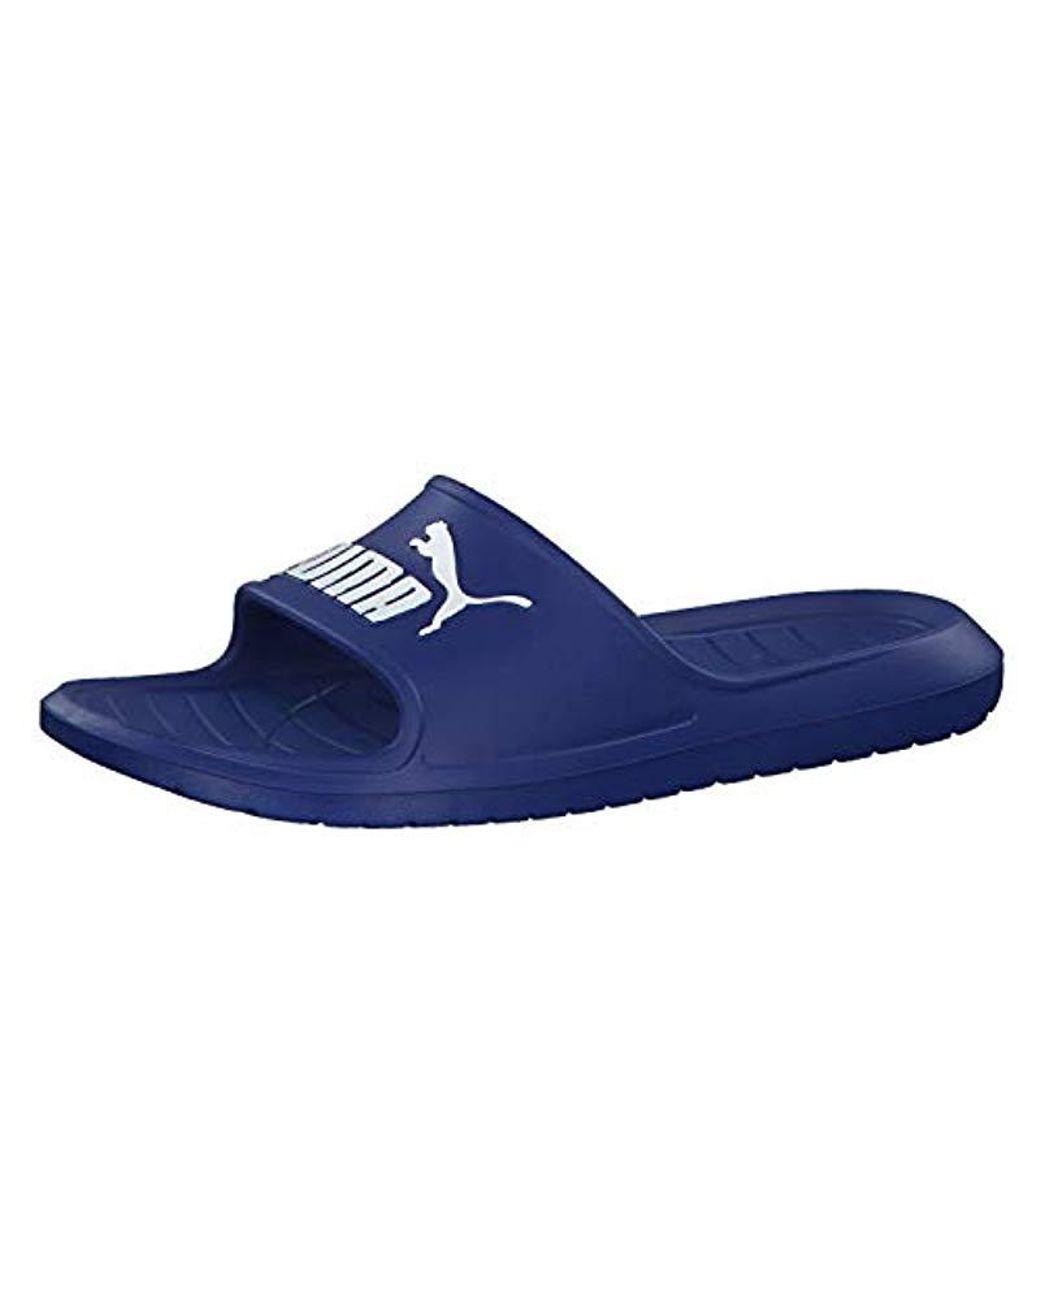 56392da87cdf PUMA Unisex Adults  Divecat V2 Beach   Pool Shoes in Blue - Lyst